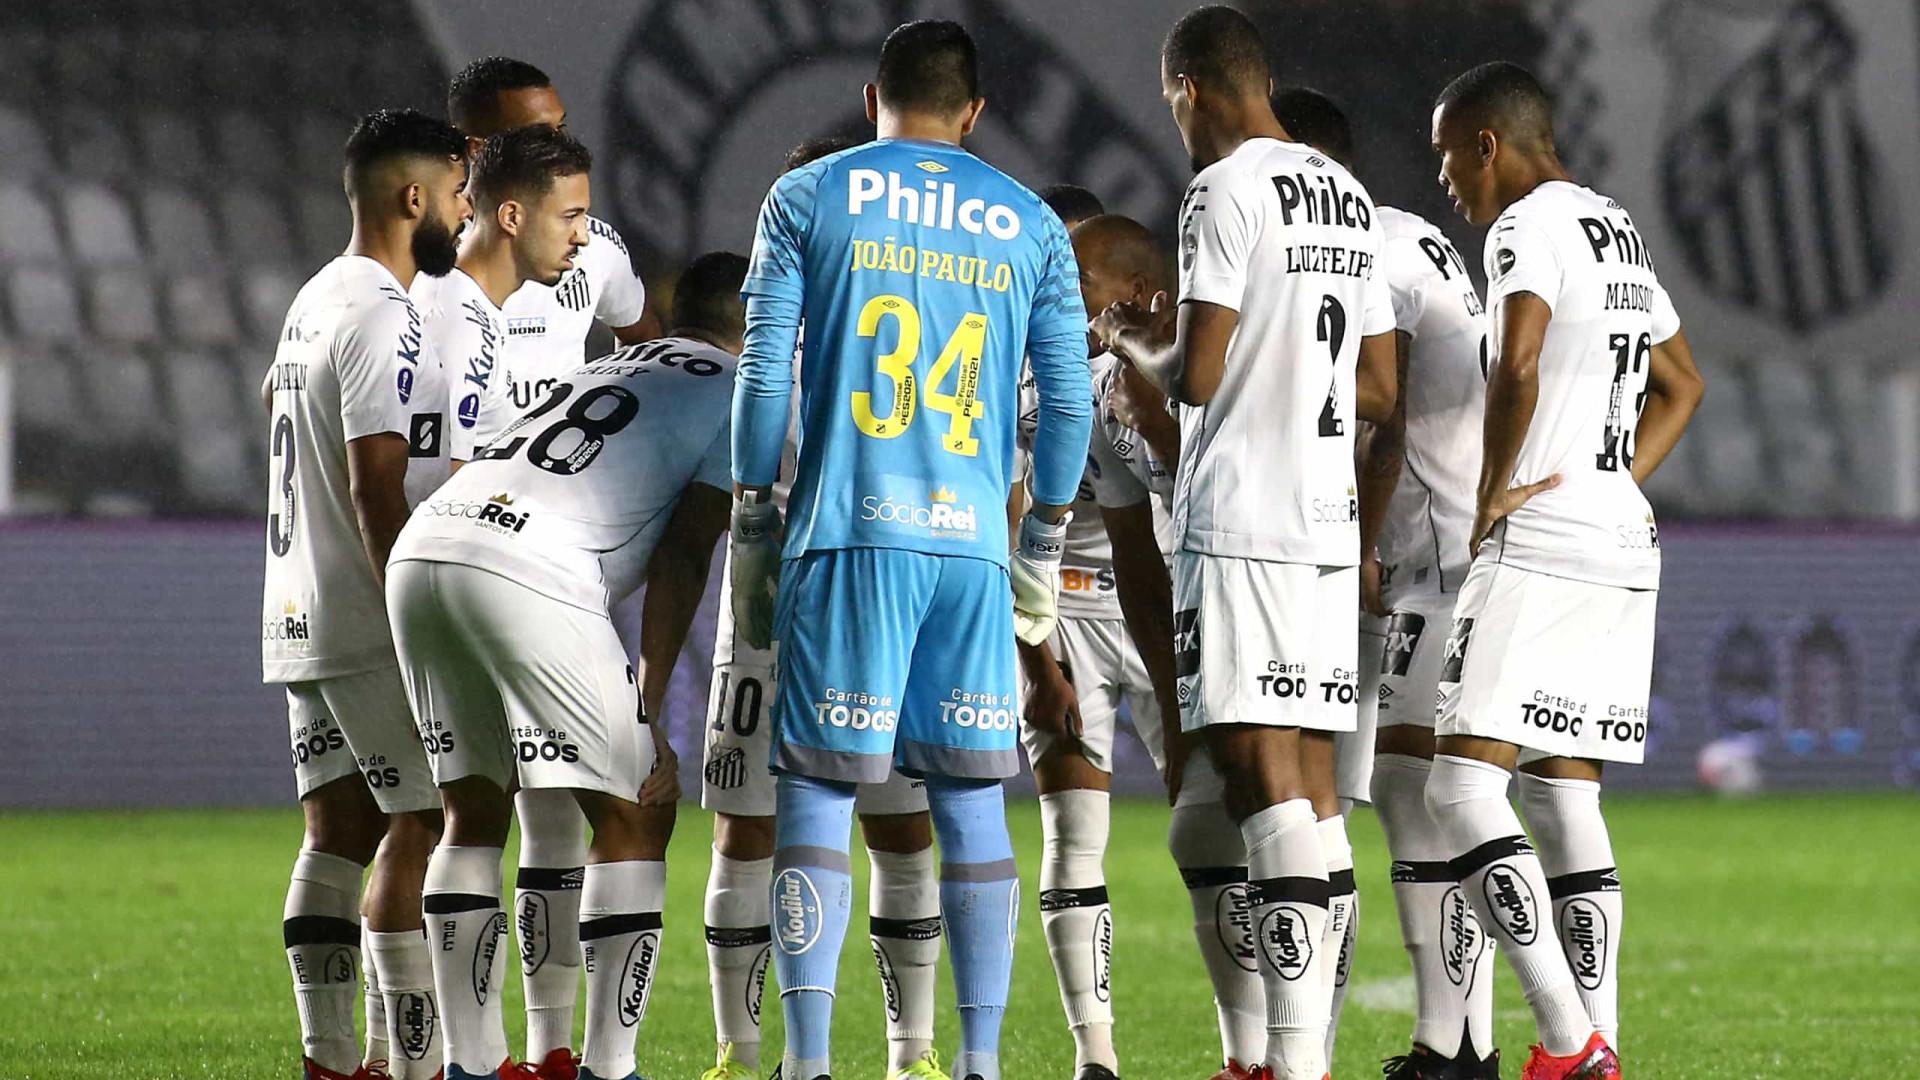 Carille aponta desatenção do Santos em derrota: 'A gente se perdeu na partida'